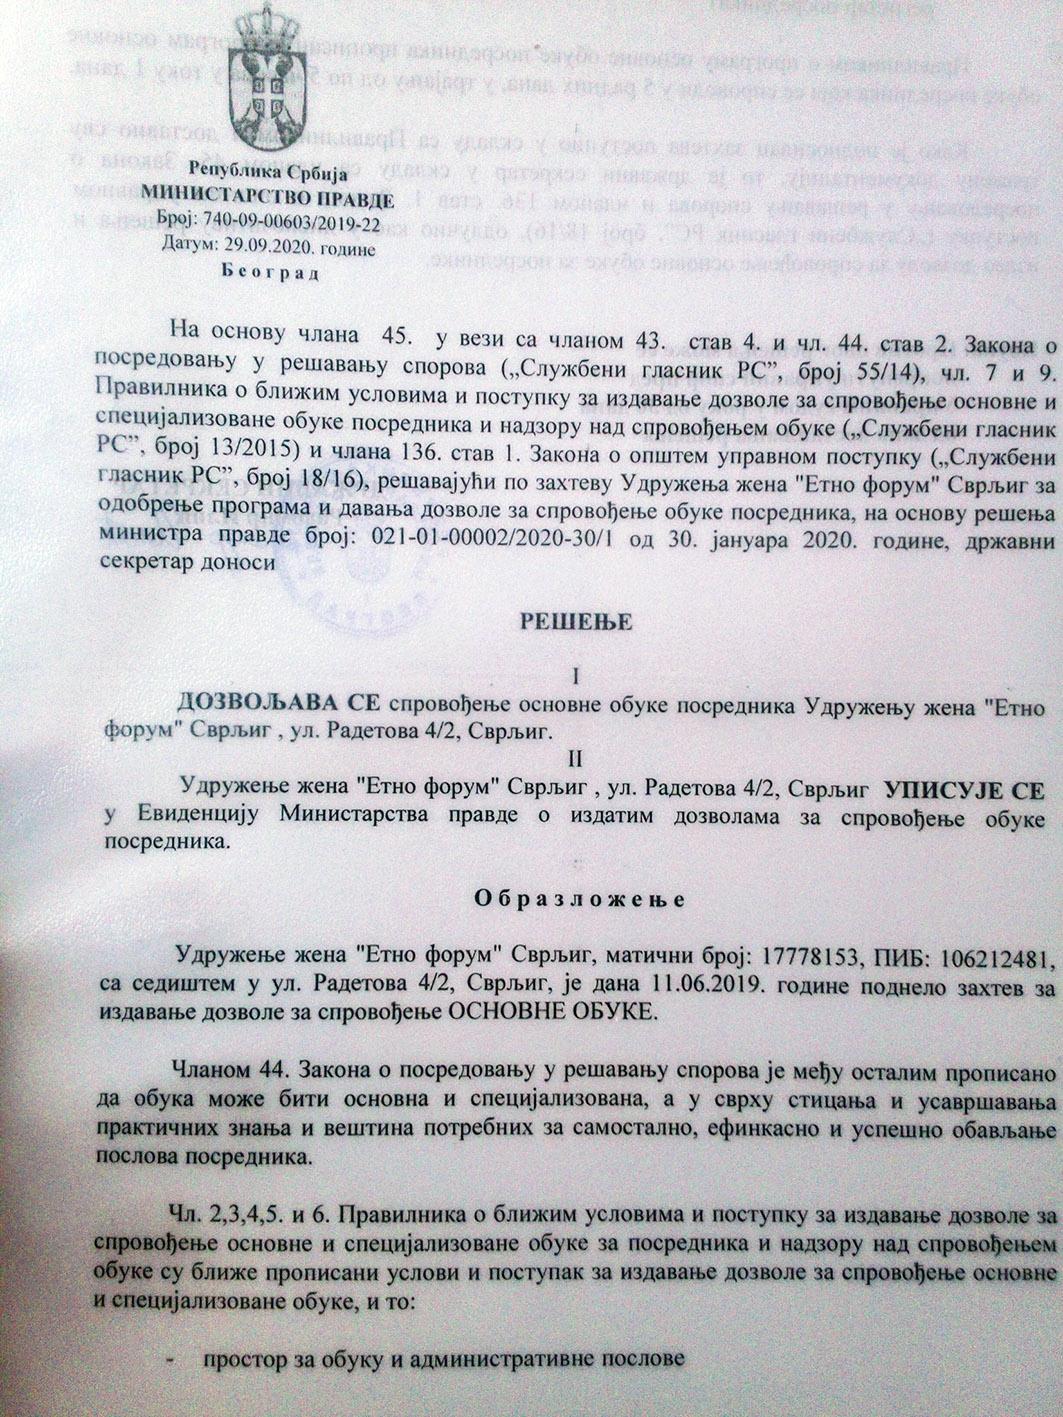 Dobijena dozvola za sprovođenje osnovne obuke posrednika - medijatora